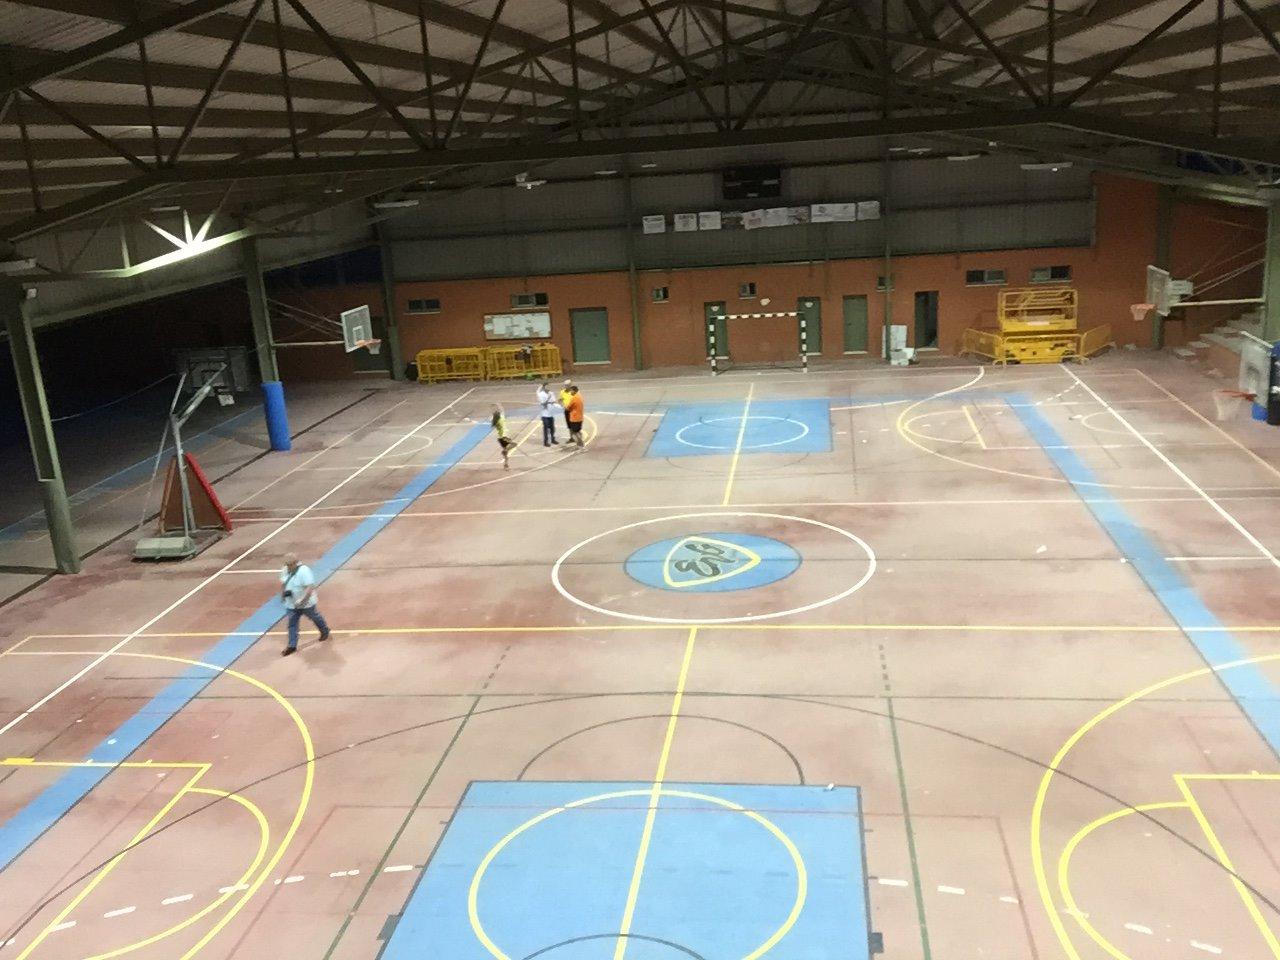 Pabellón polideportivo Escuela Virgen de Gudalupe, Badajoz